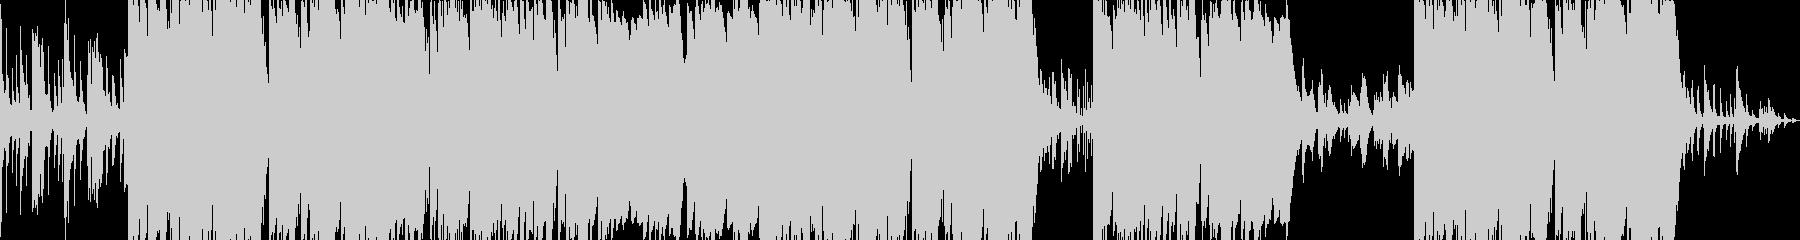 哀愁のあるシンセメロディーのトラップの未再生の波形